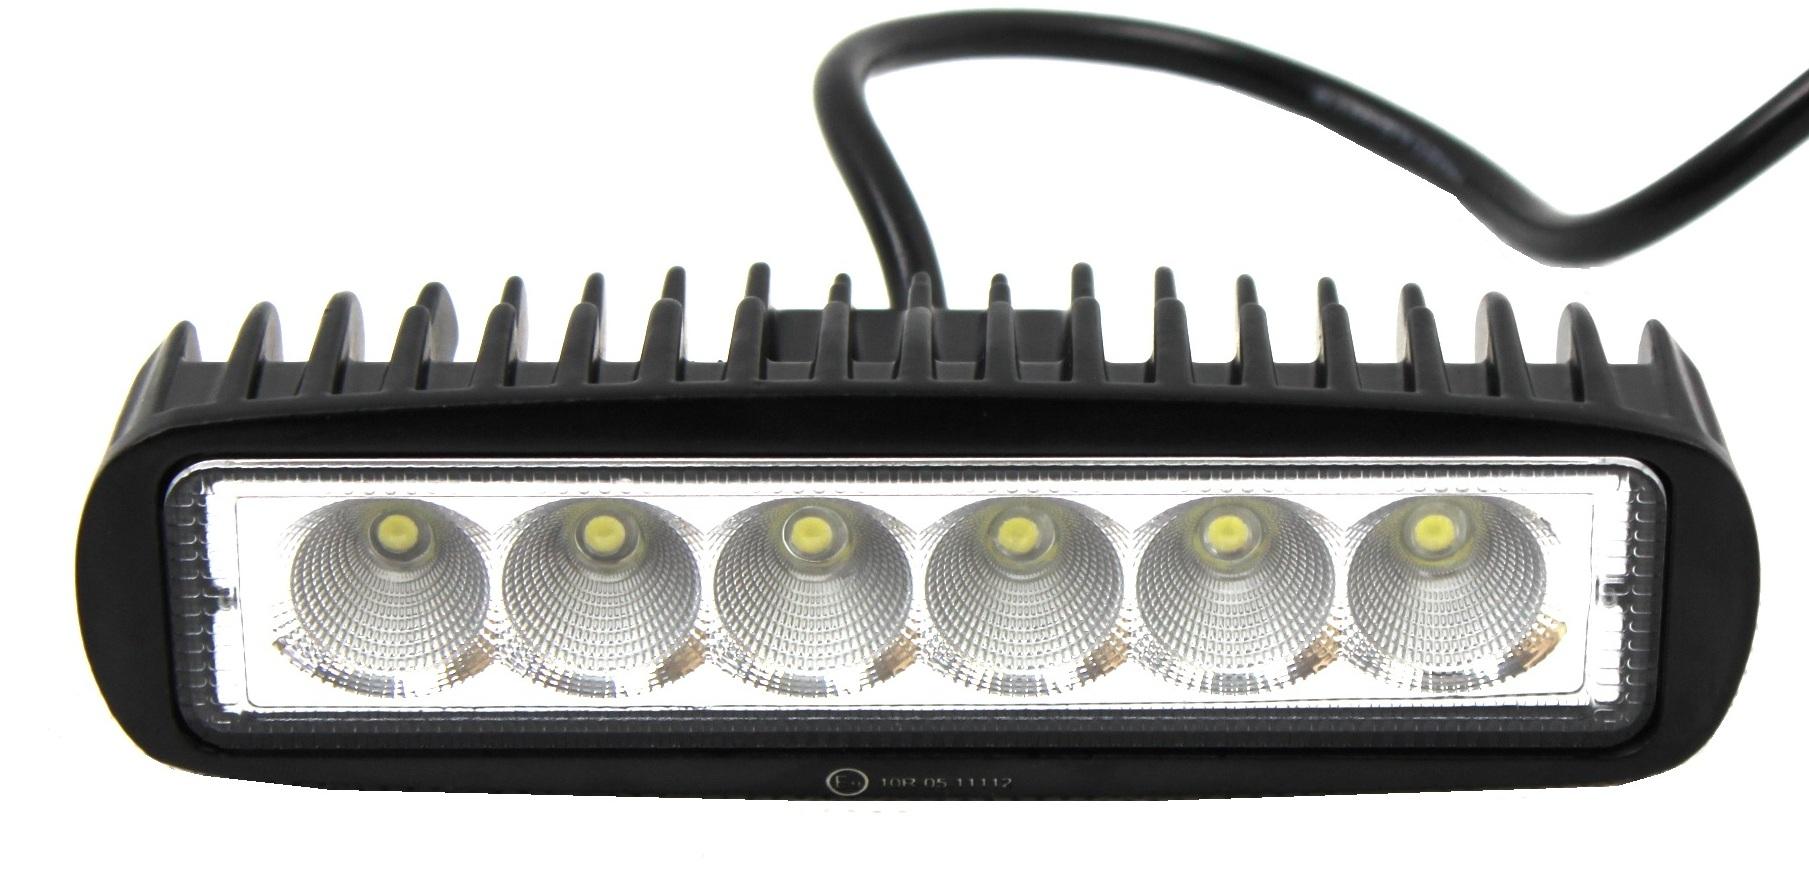 лампа рабочая 6 led панель отвлекаться 18w ce homol